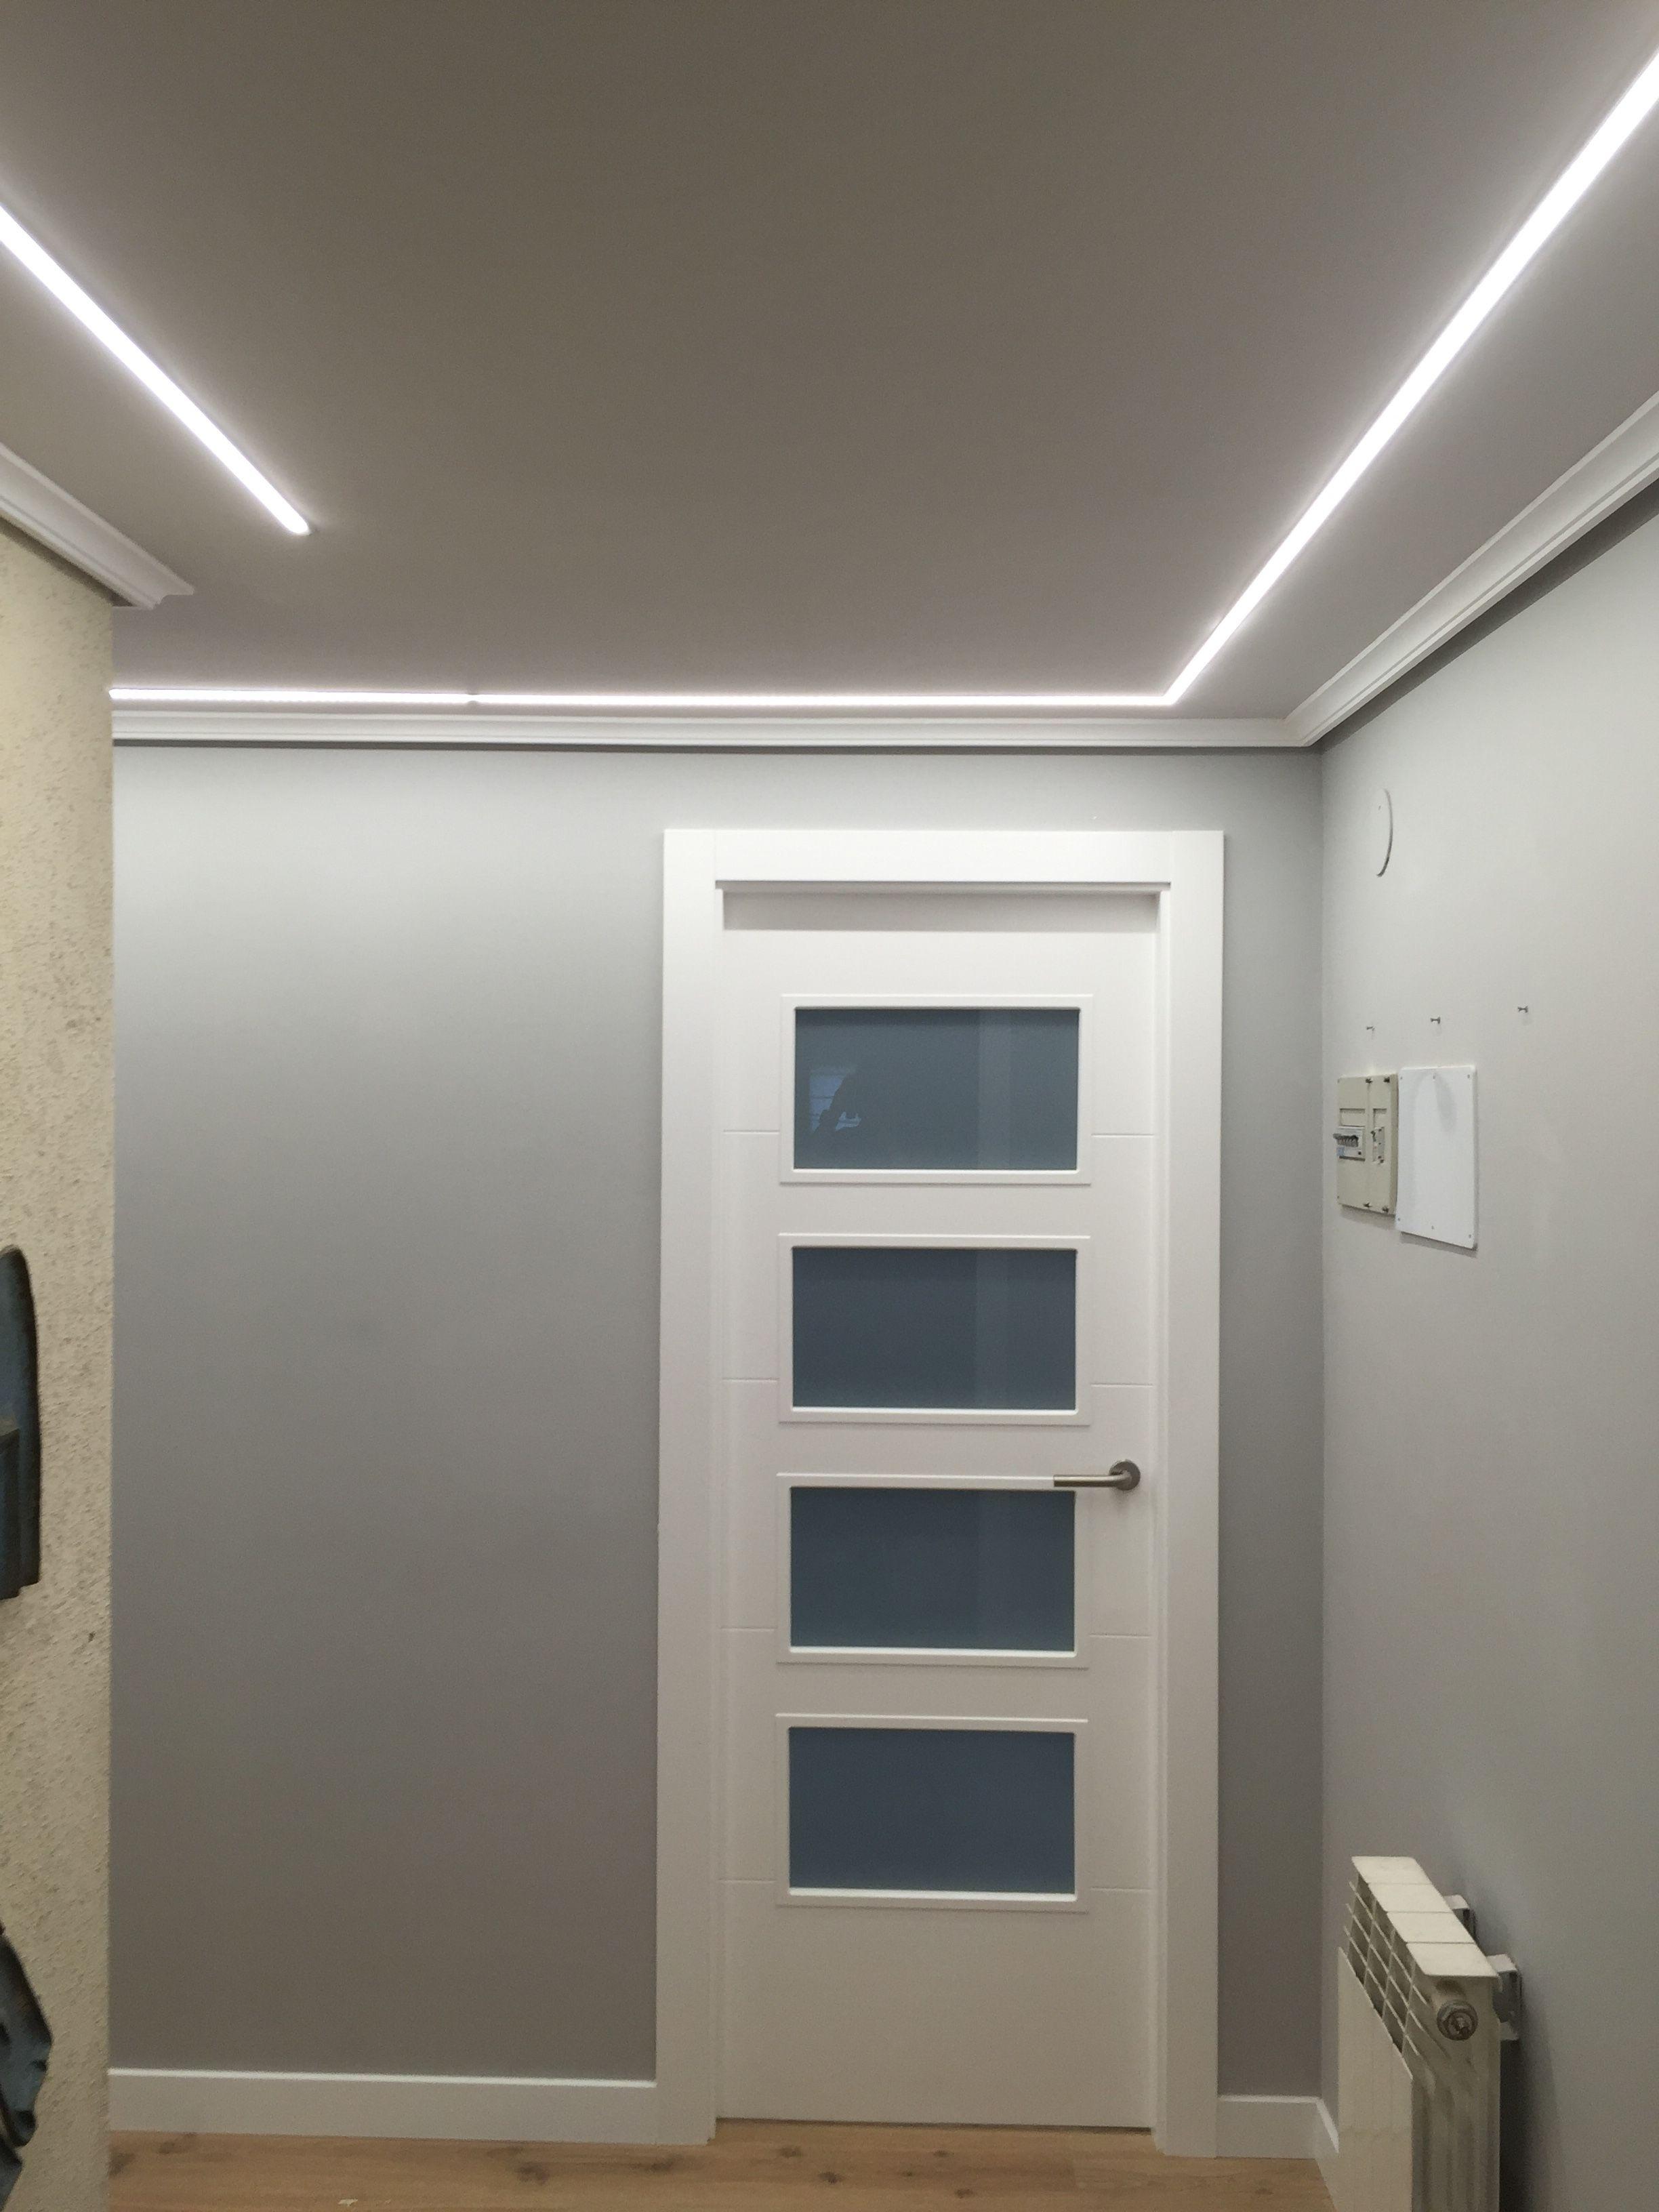 Hall Iluminado Con Tiras De Leds Empotradas En El Techo Techo